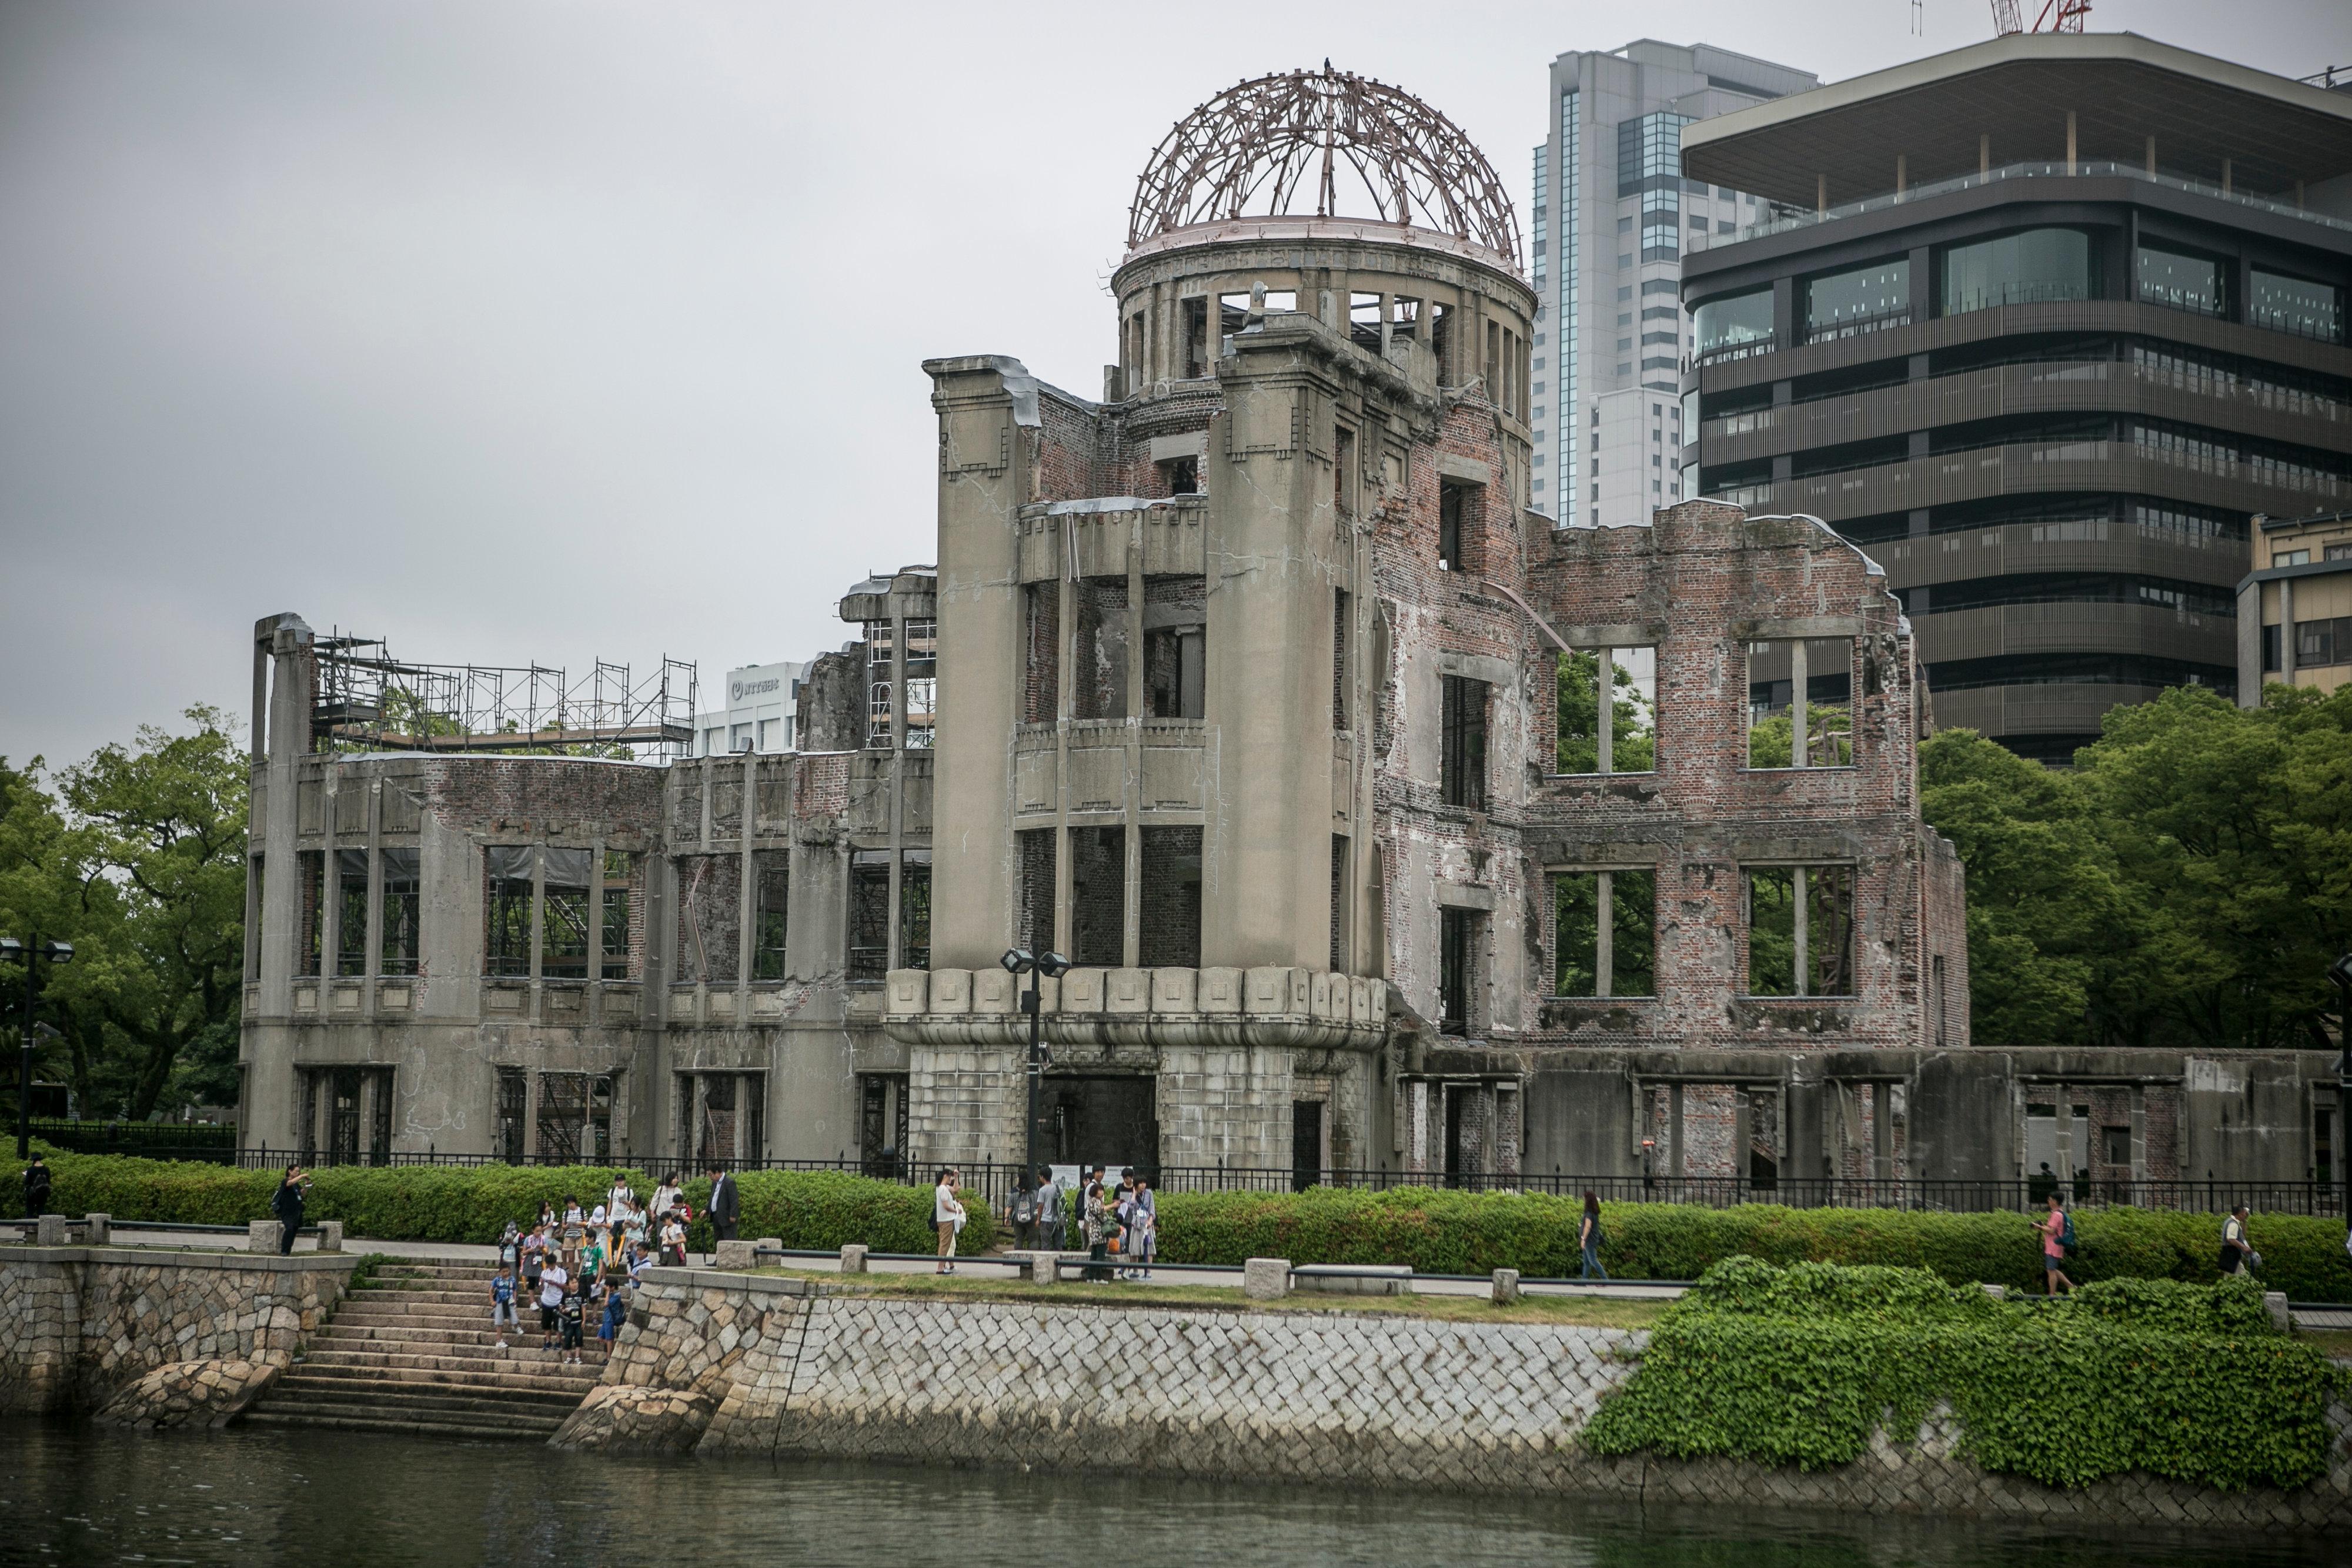 Hiroshima: Remove Pokemon Go From The Atom Bomb